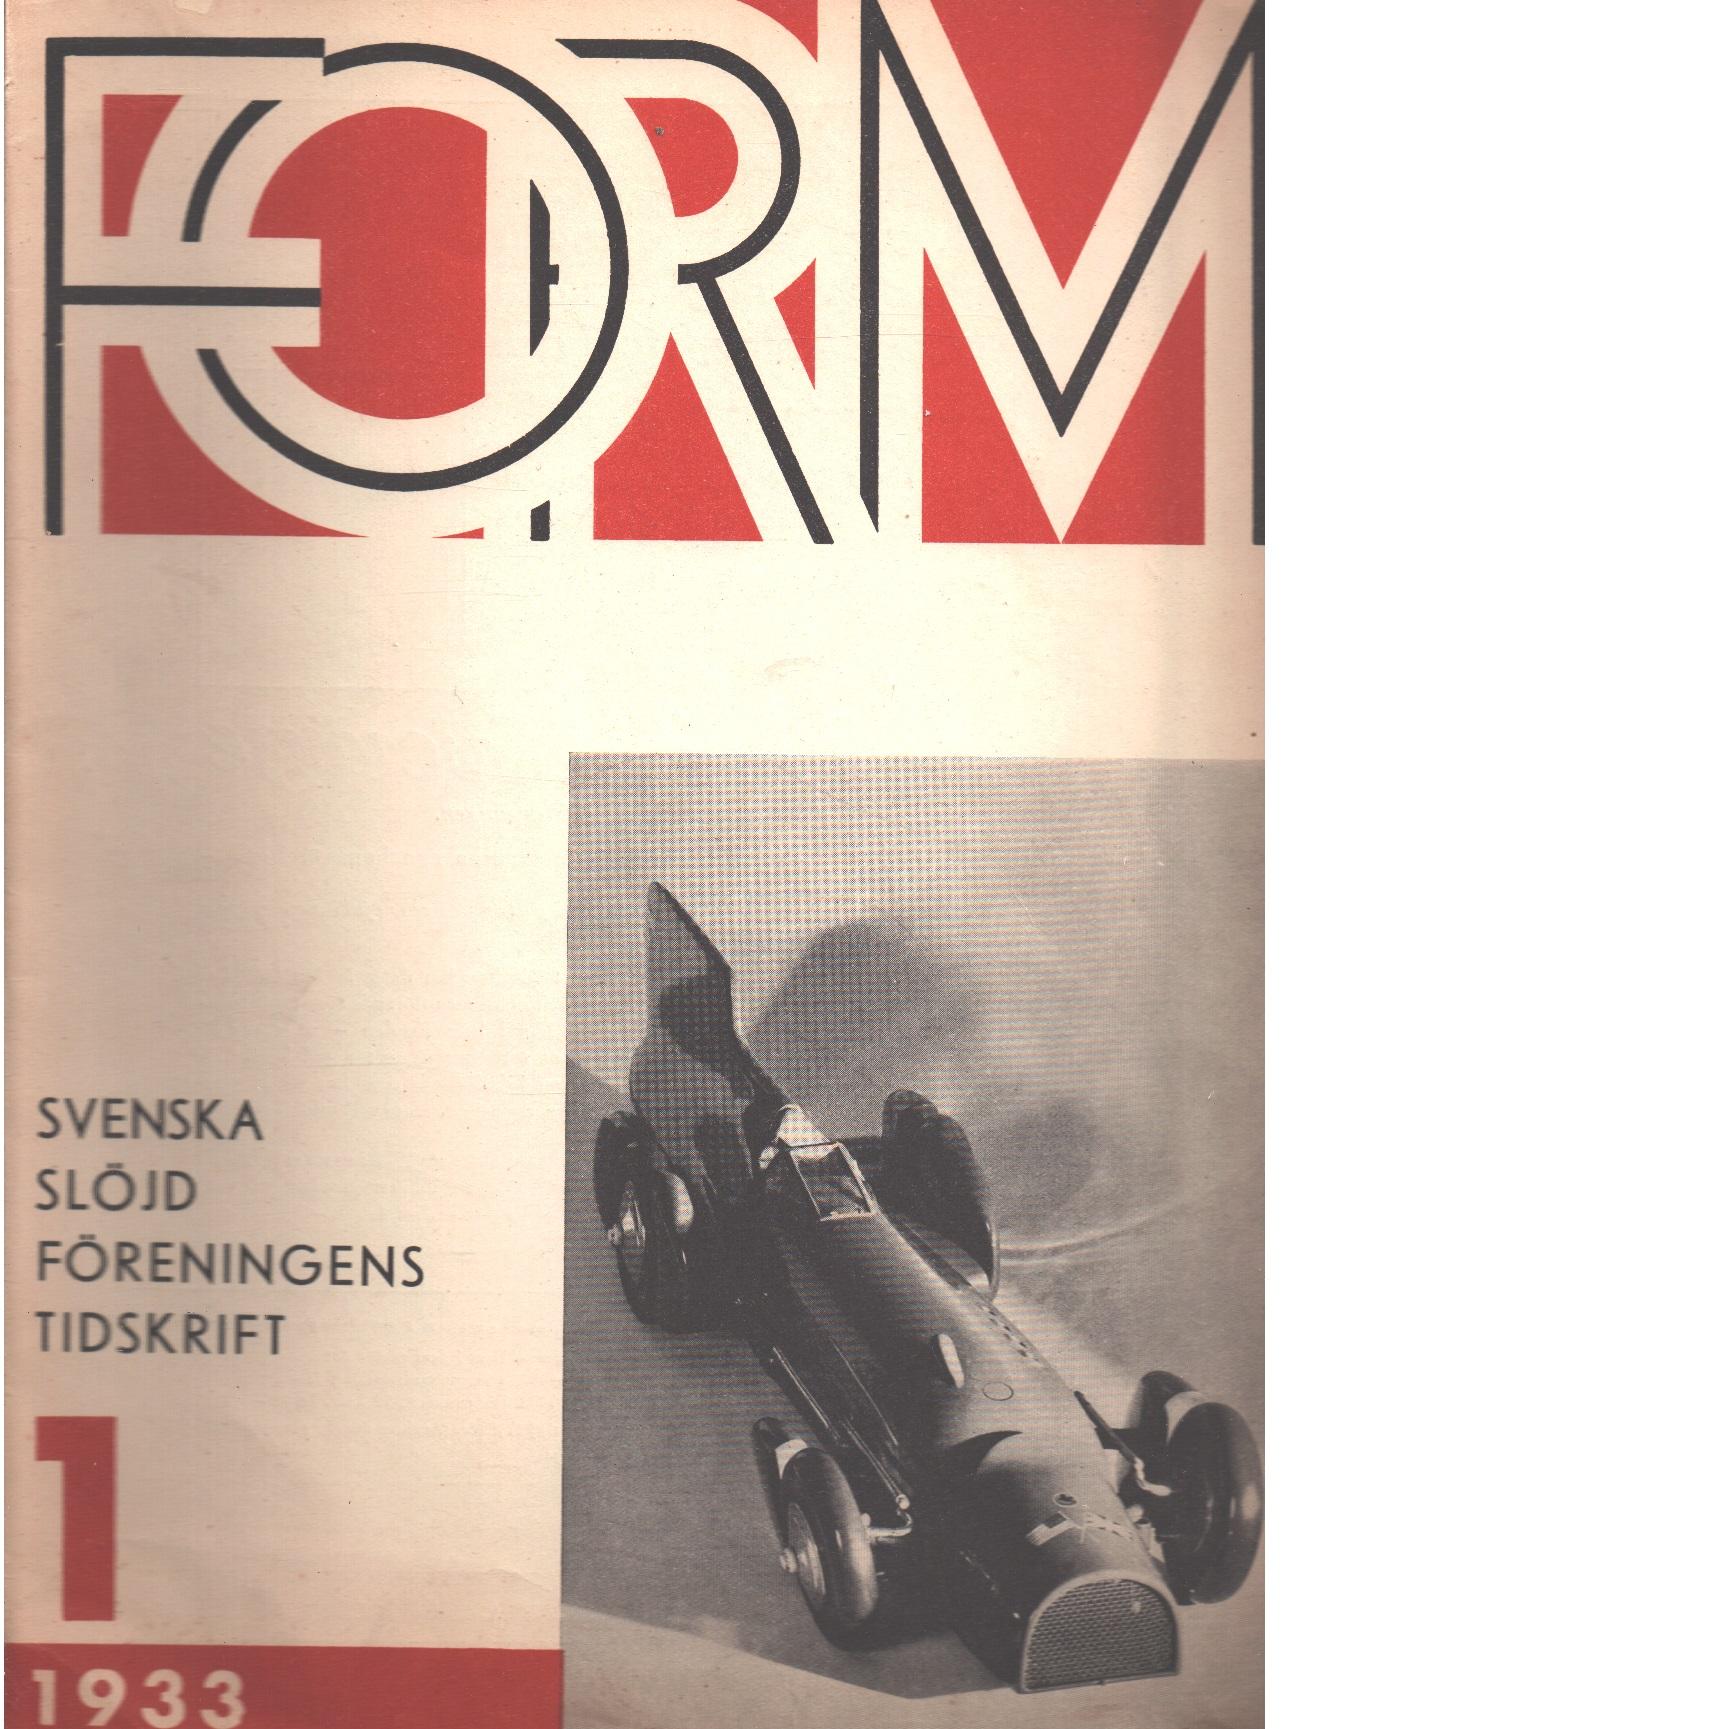 Form : Svenska slöjdföreningens tidskrift Nr 1 1933 - Red.